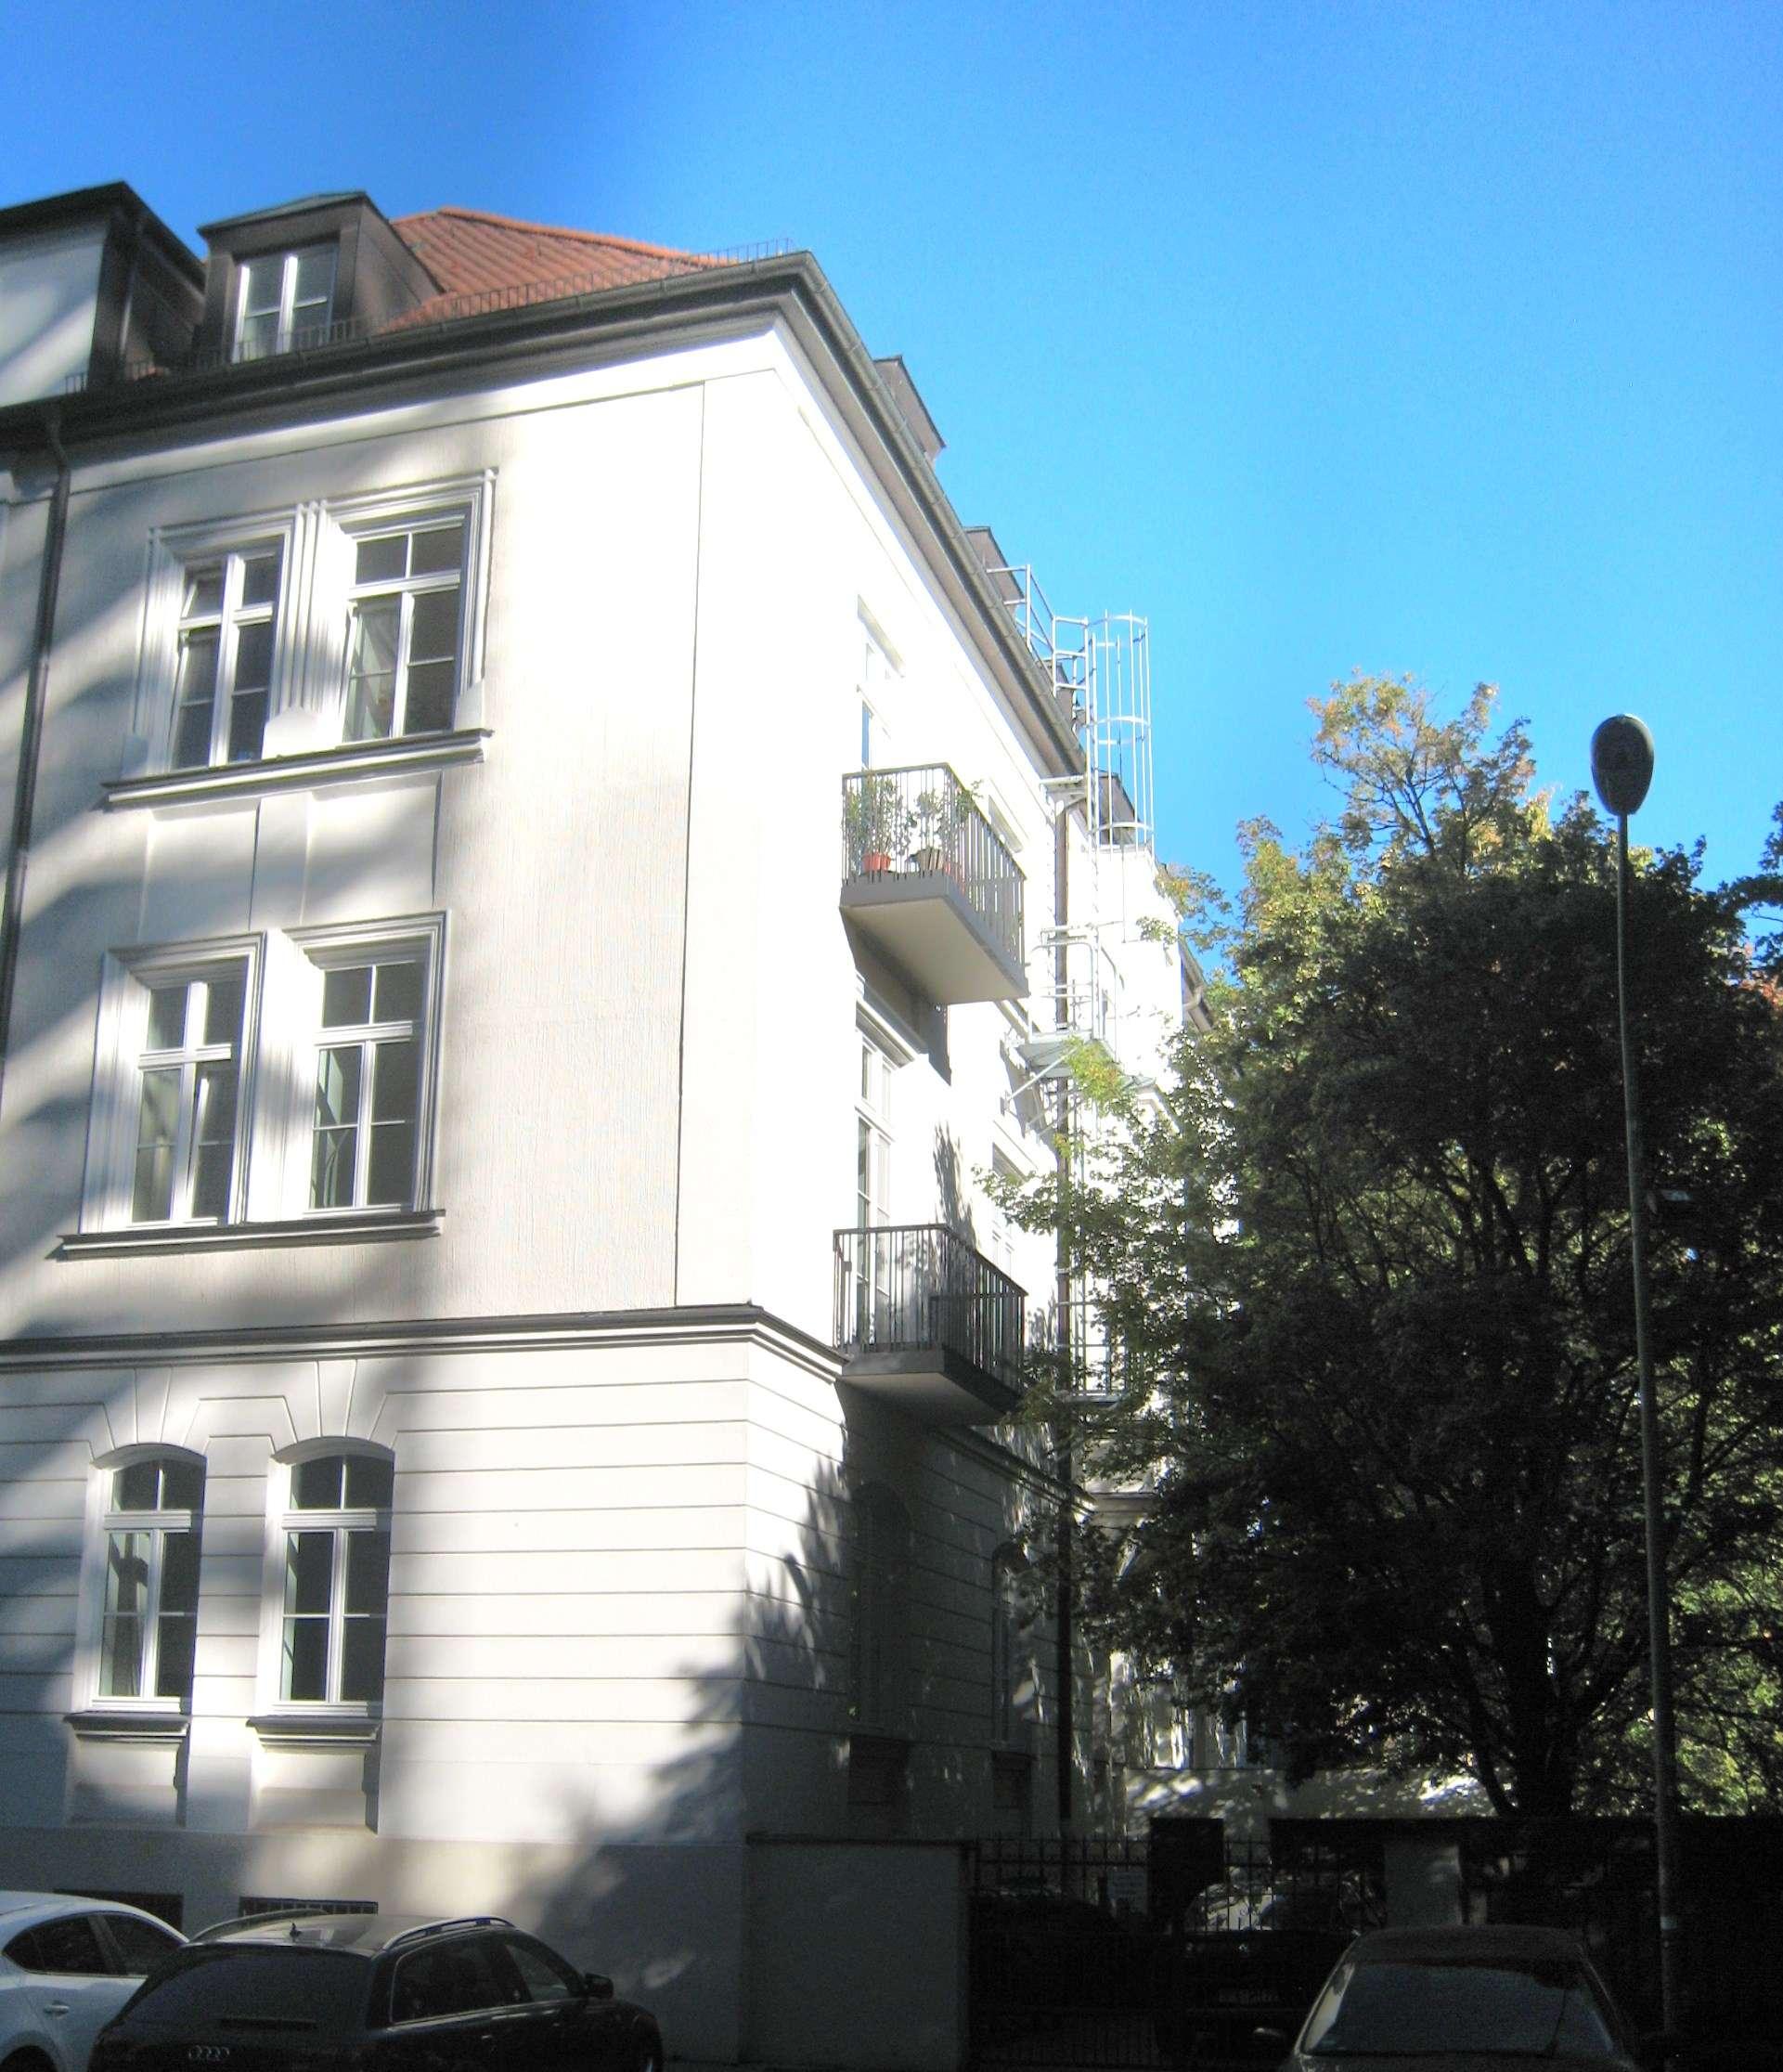 Herrliche Altbau - Wohnung  Am St. Pauls-Platz in Ludwigsvorstadt-Isarvorstadt (München)